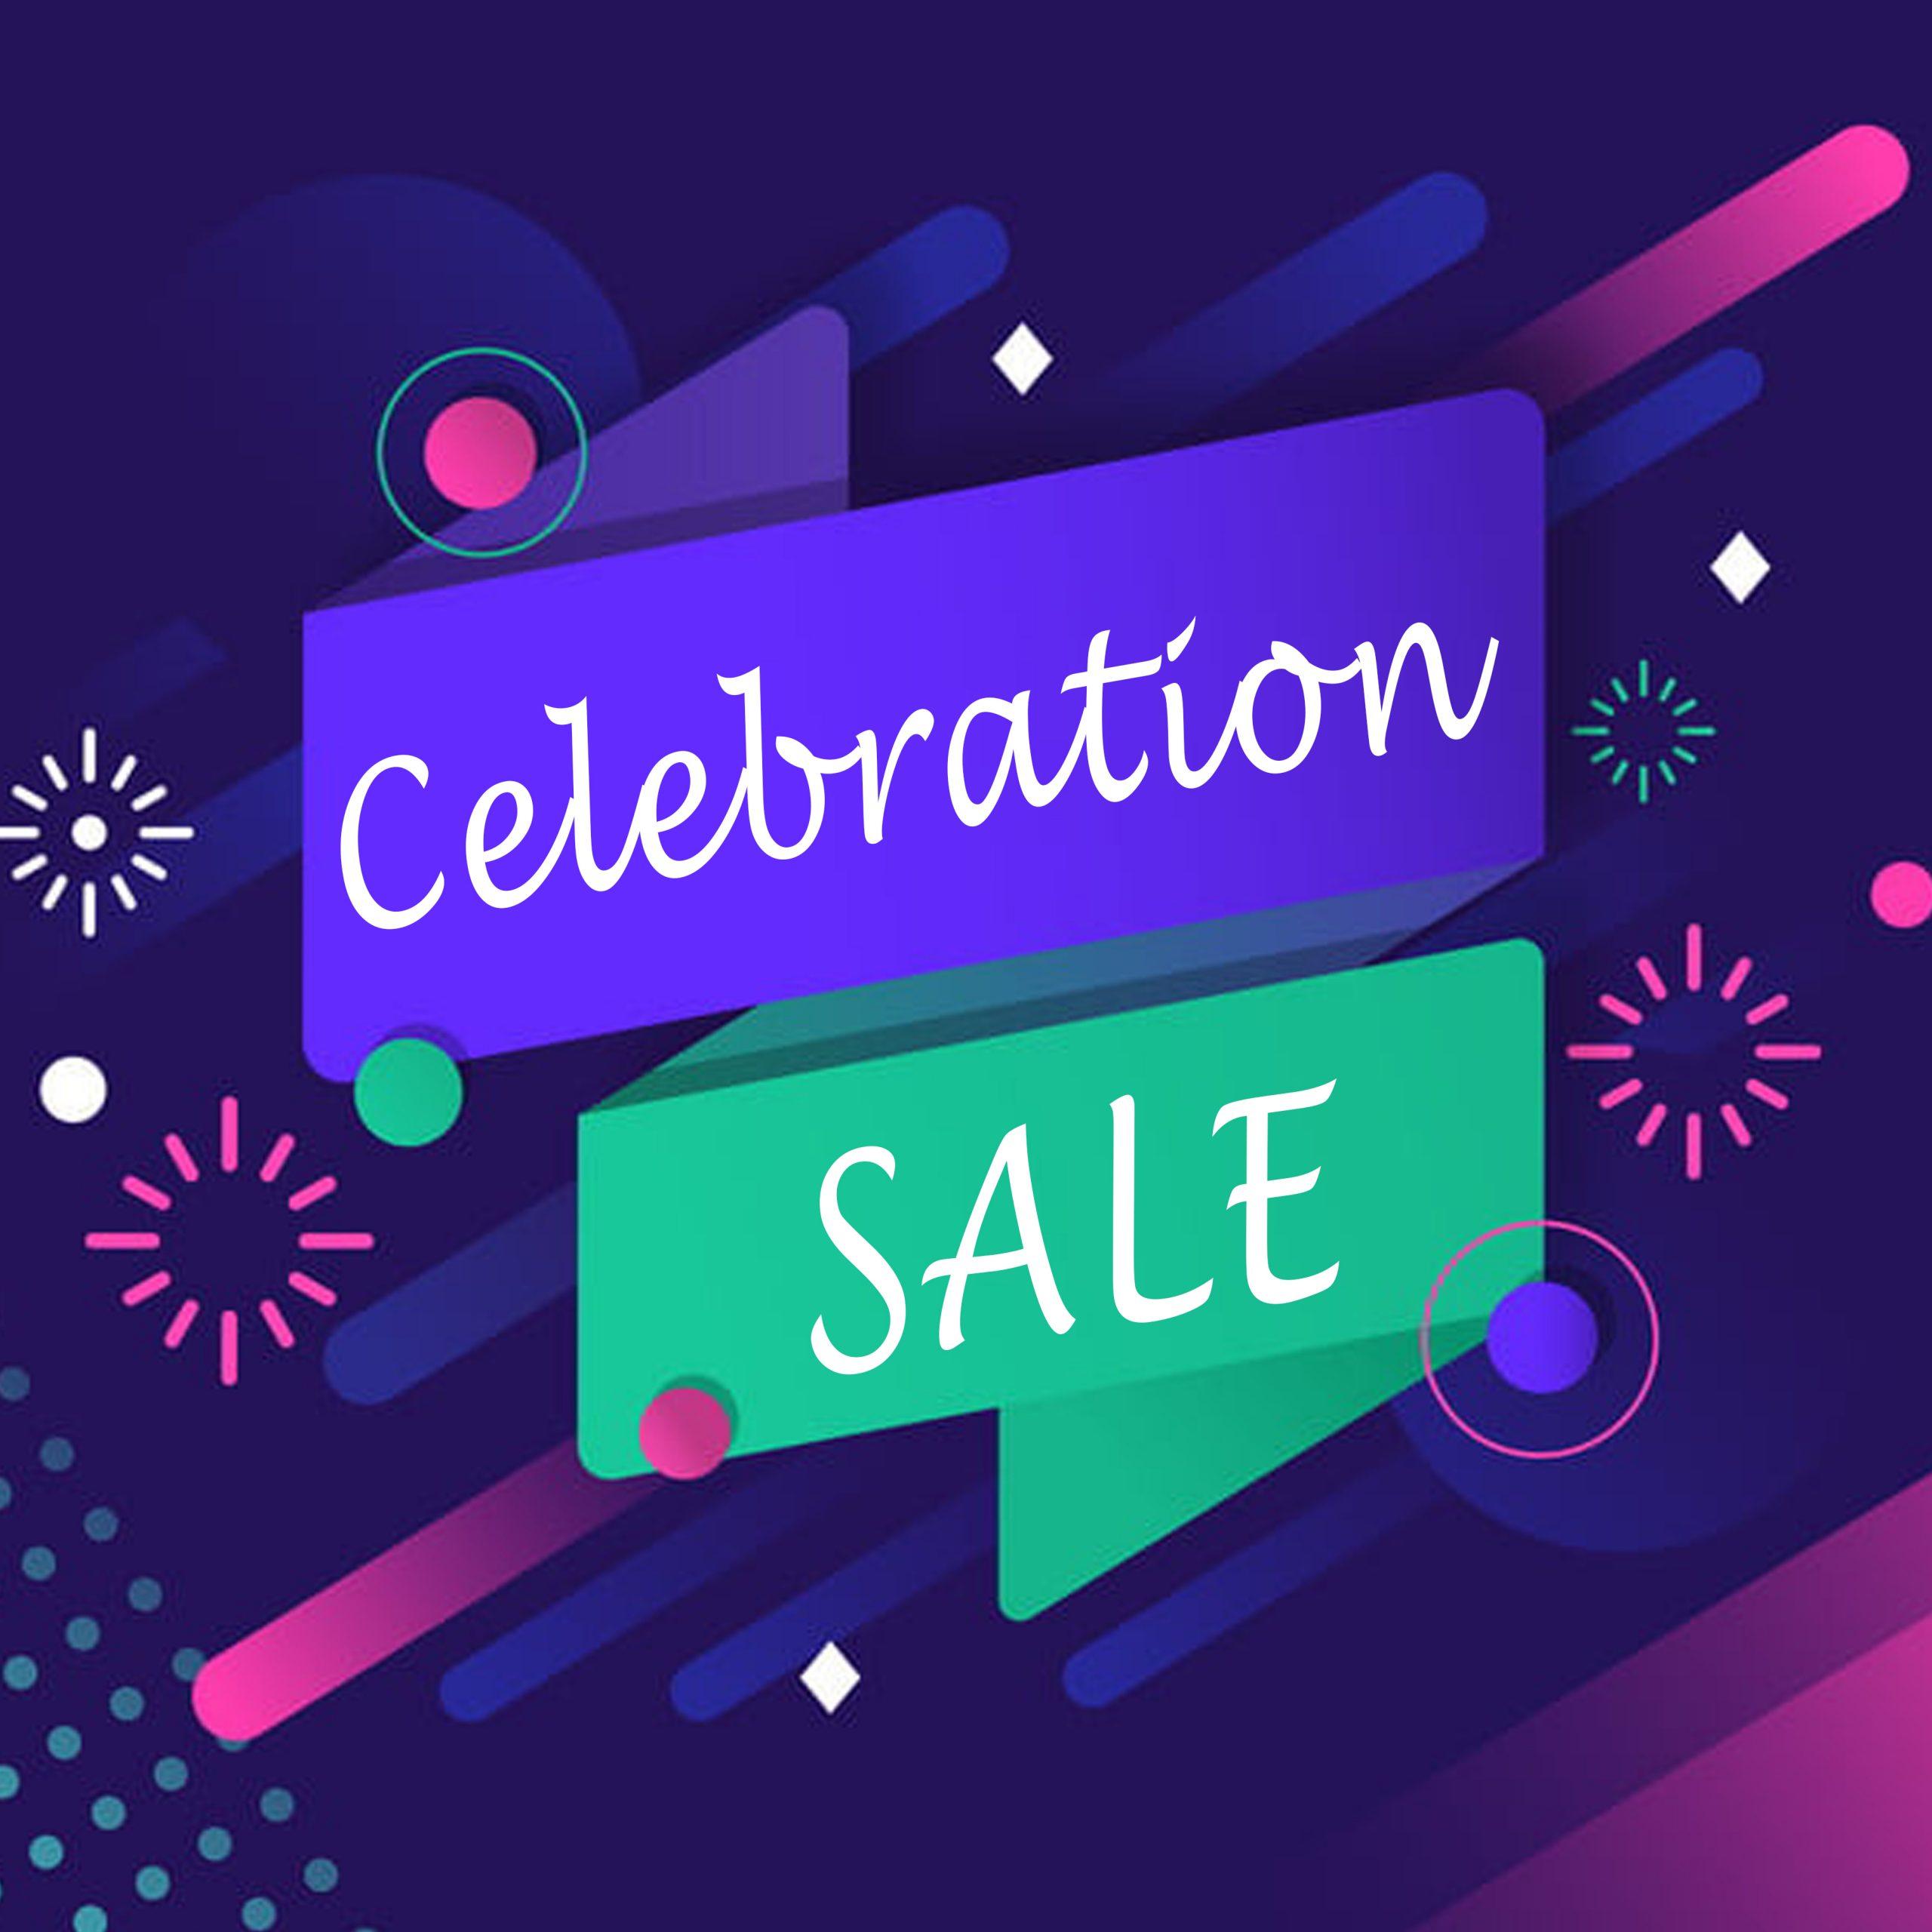 Celebration Sale!